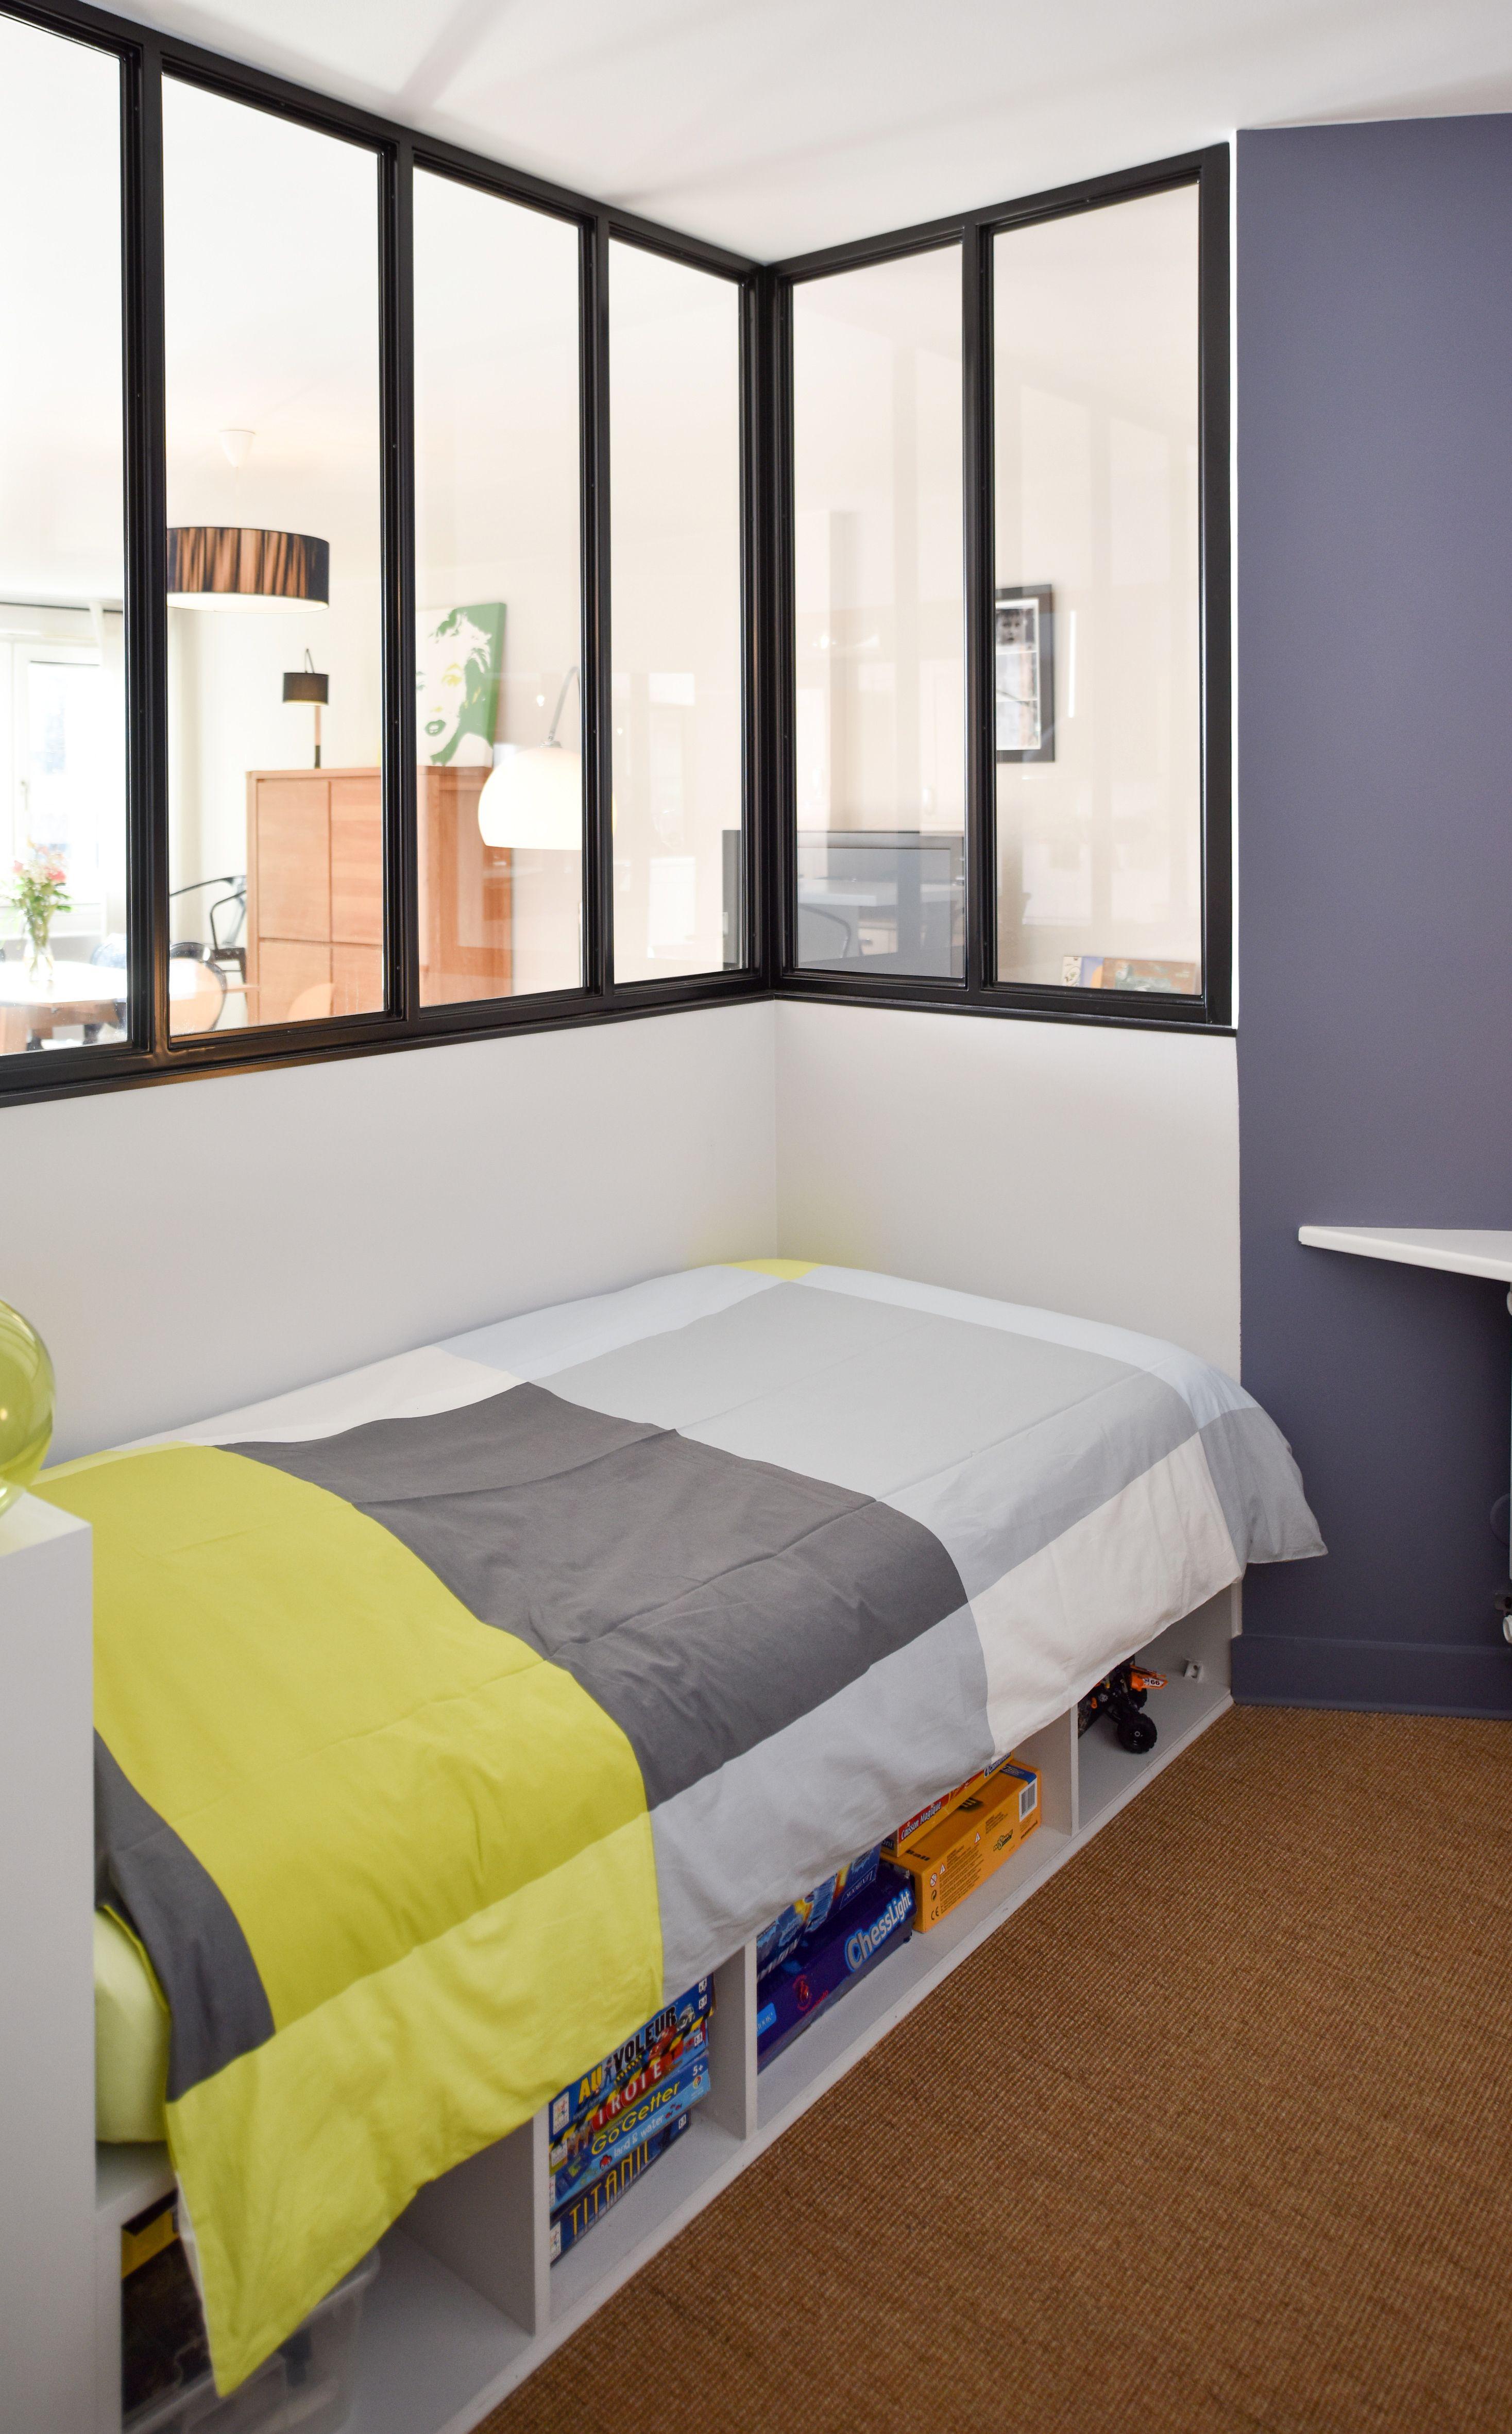 Chambre avec verrière intérieure - maison à Villeurbanne réaménagée ...